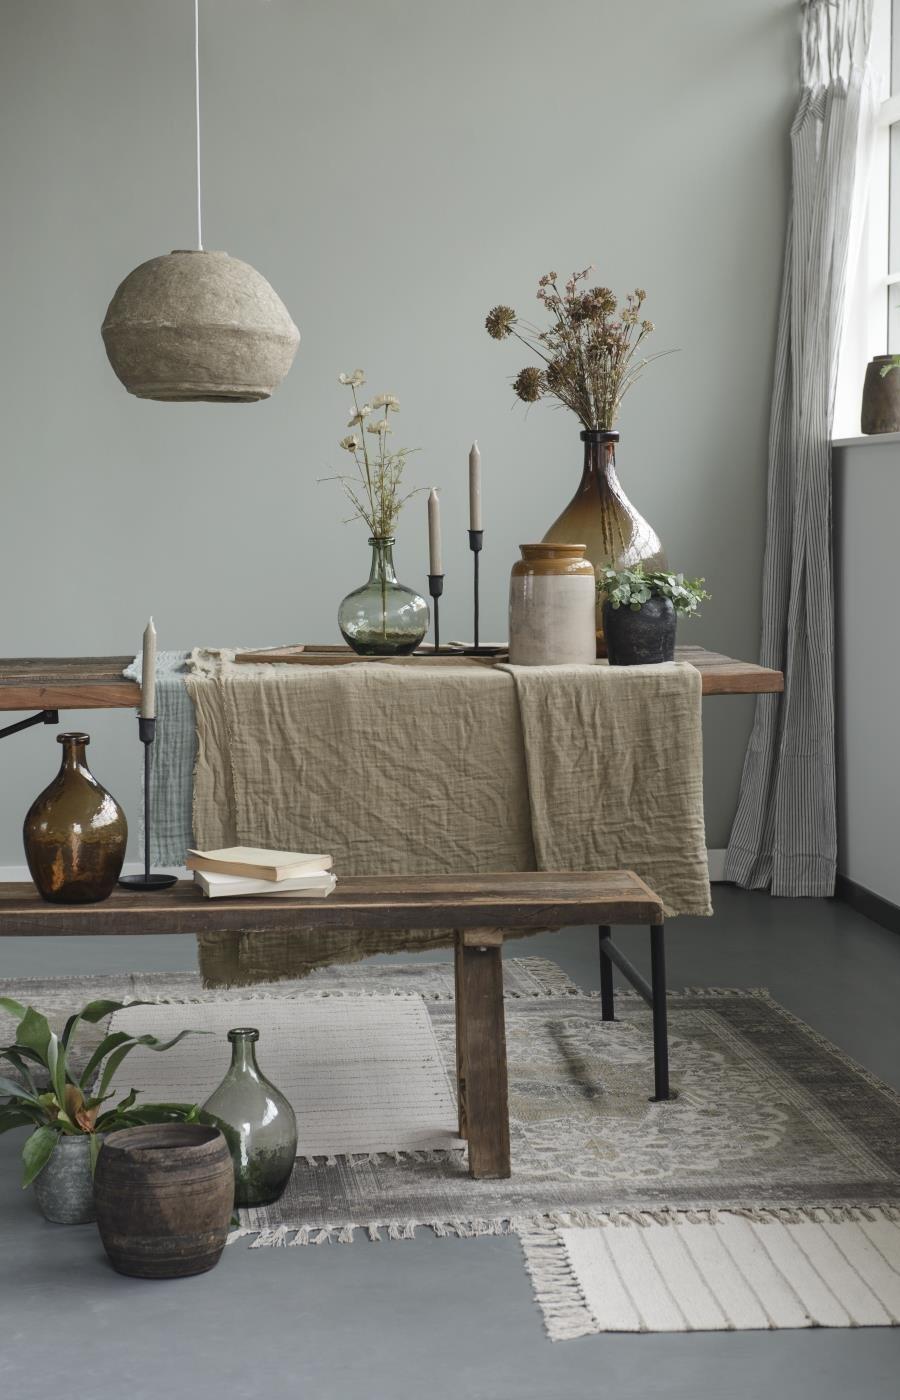 Tischdecken & Tischläufer, Bild 1